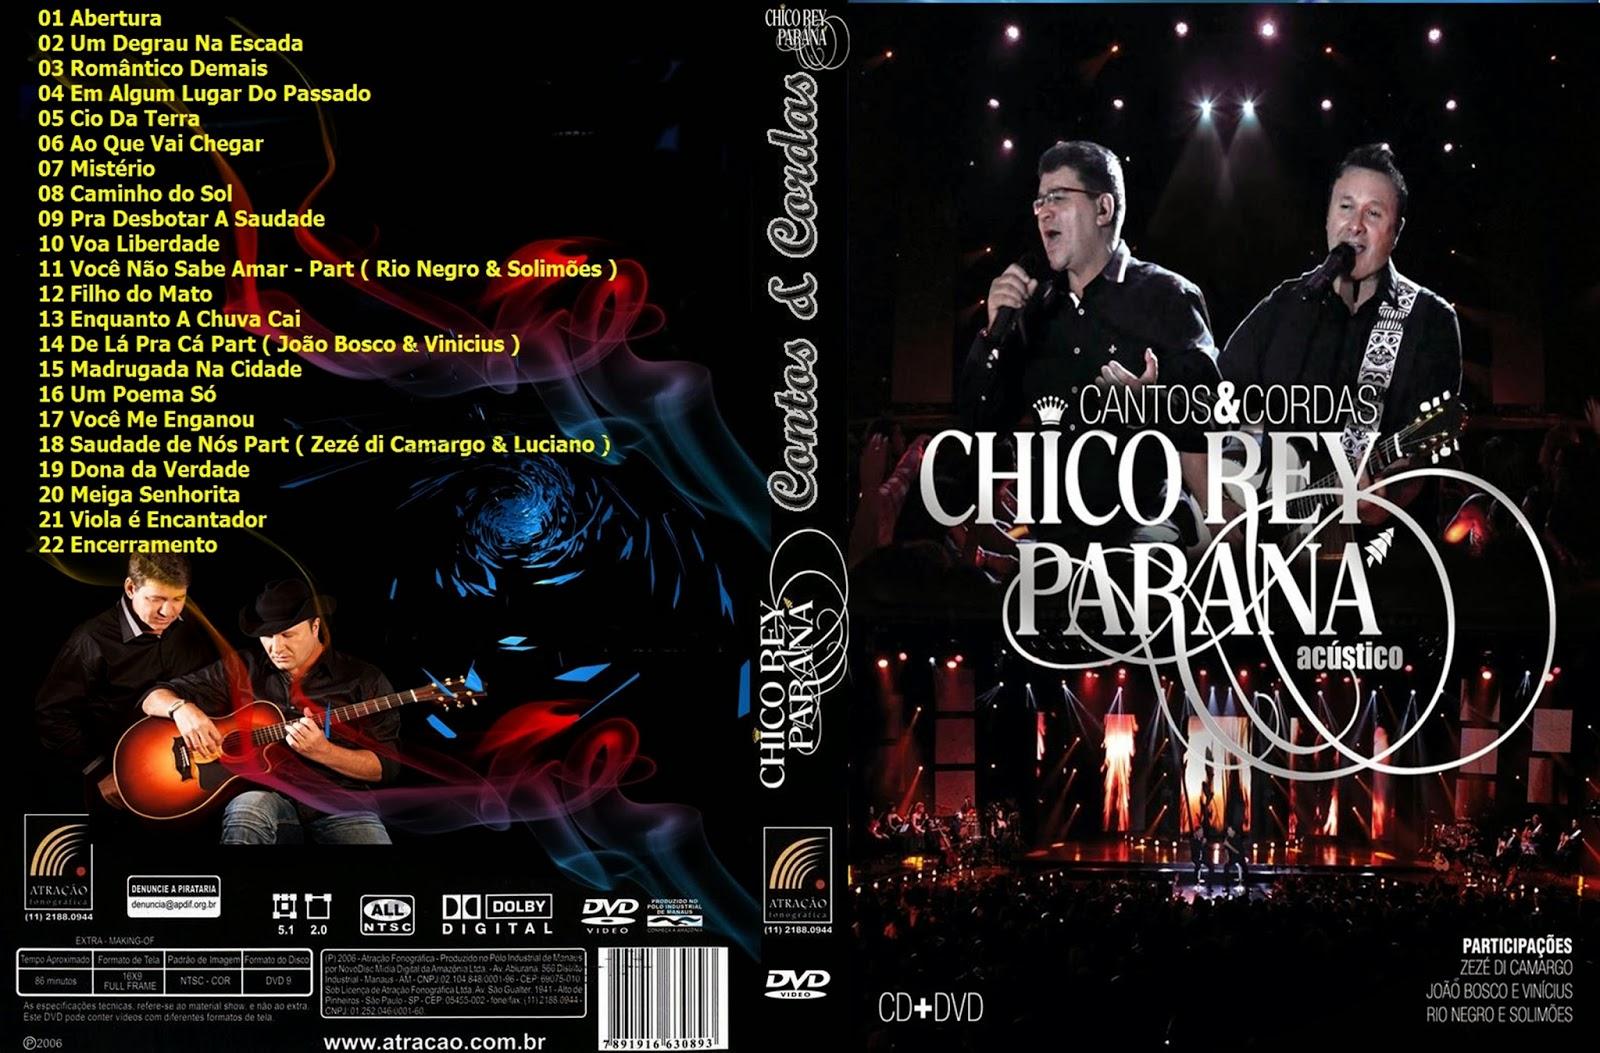 Chico Rey e Paraná Contos e Cordas Chico Rey e Paraná Contos e Cordas capa